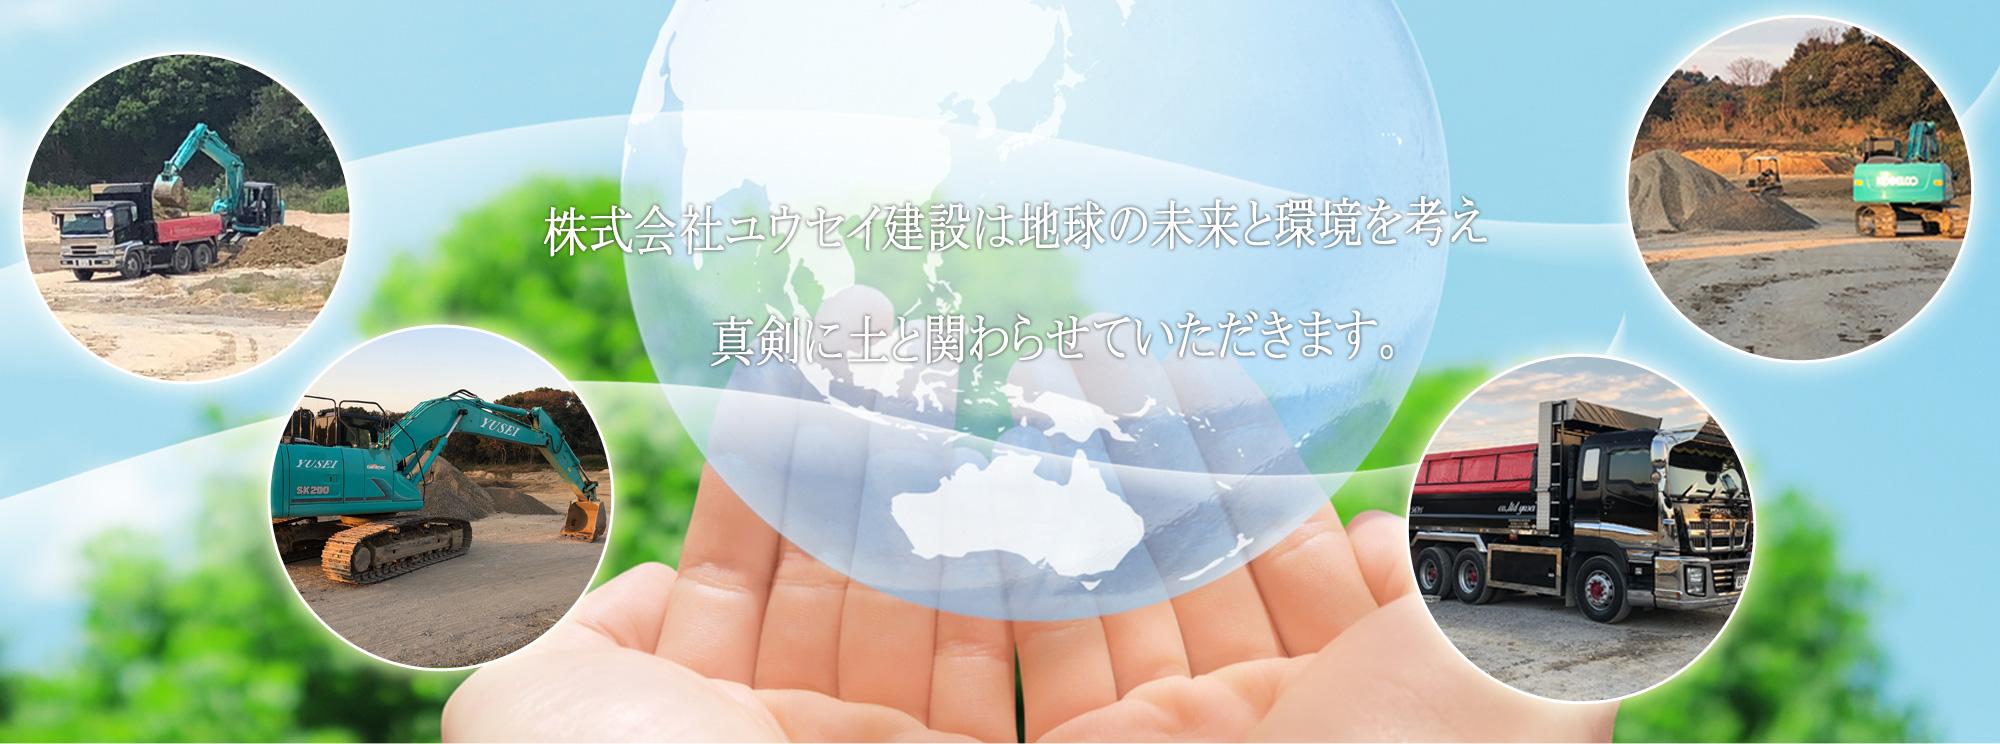 株式会社ユウセイ建設は地球の未来と環境を考え真剣に土と関わらせていただきます。